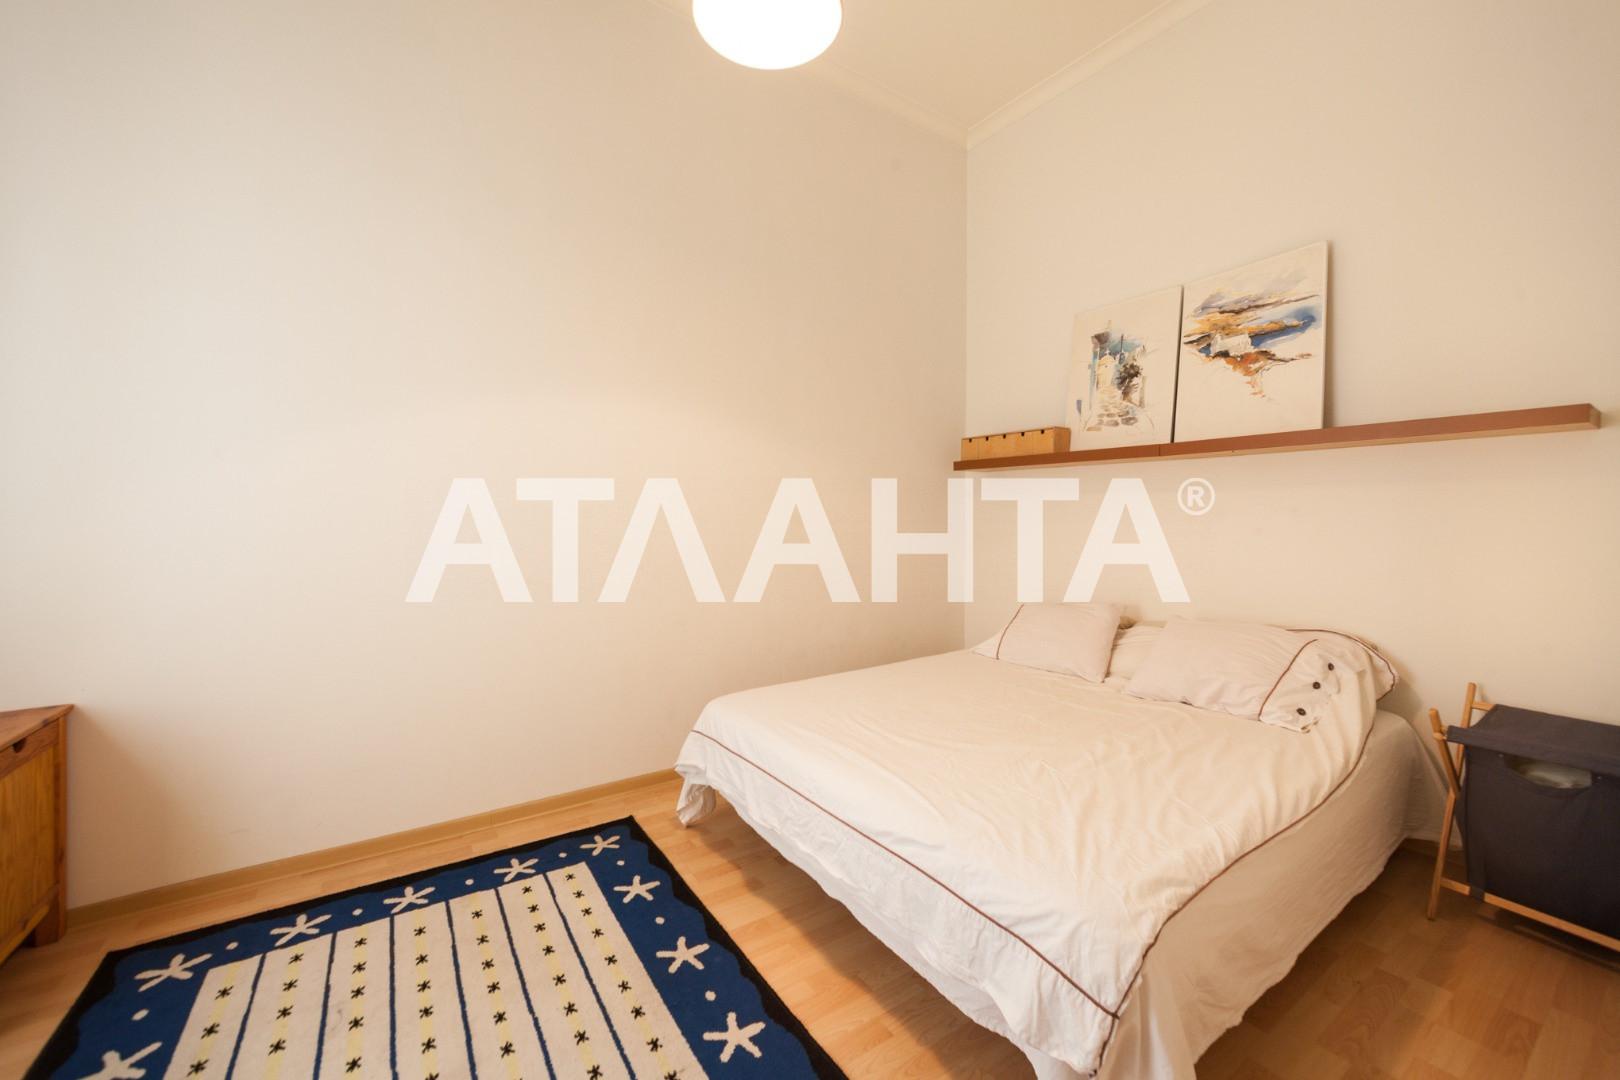 Продается 3-комнатная Квартира на ул. Военный Сп. (Жанны Лябурб Сп.) — 95 000 у.е. (фото №5)